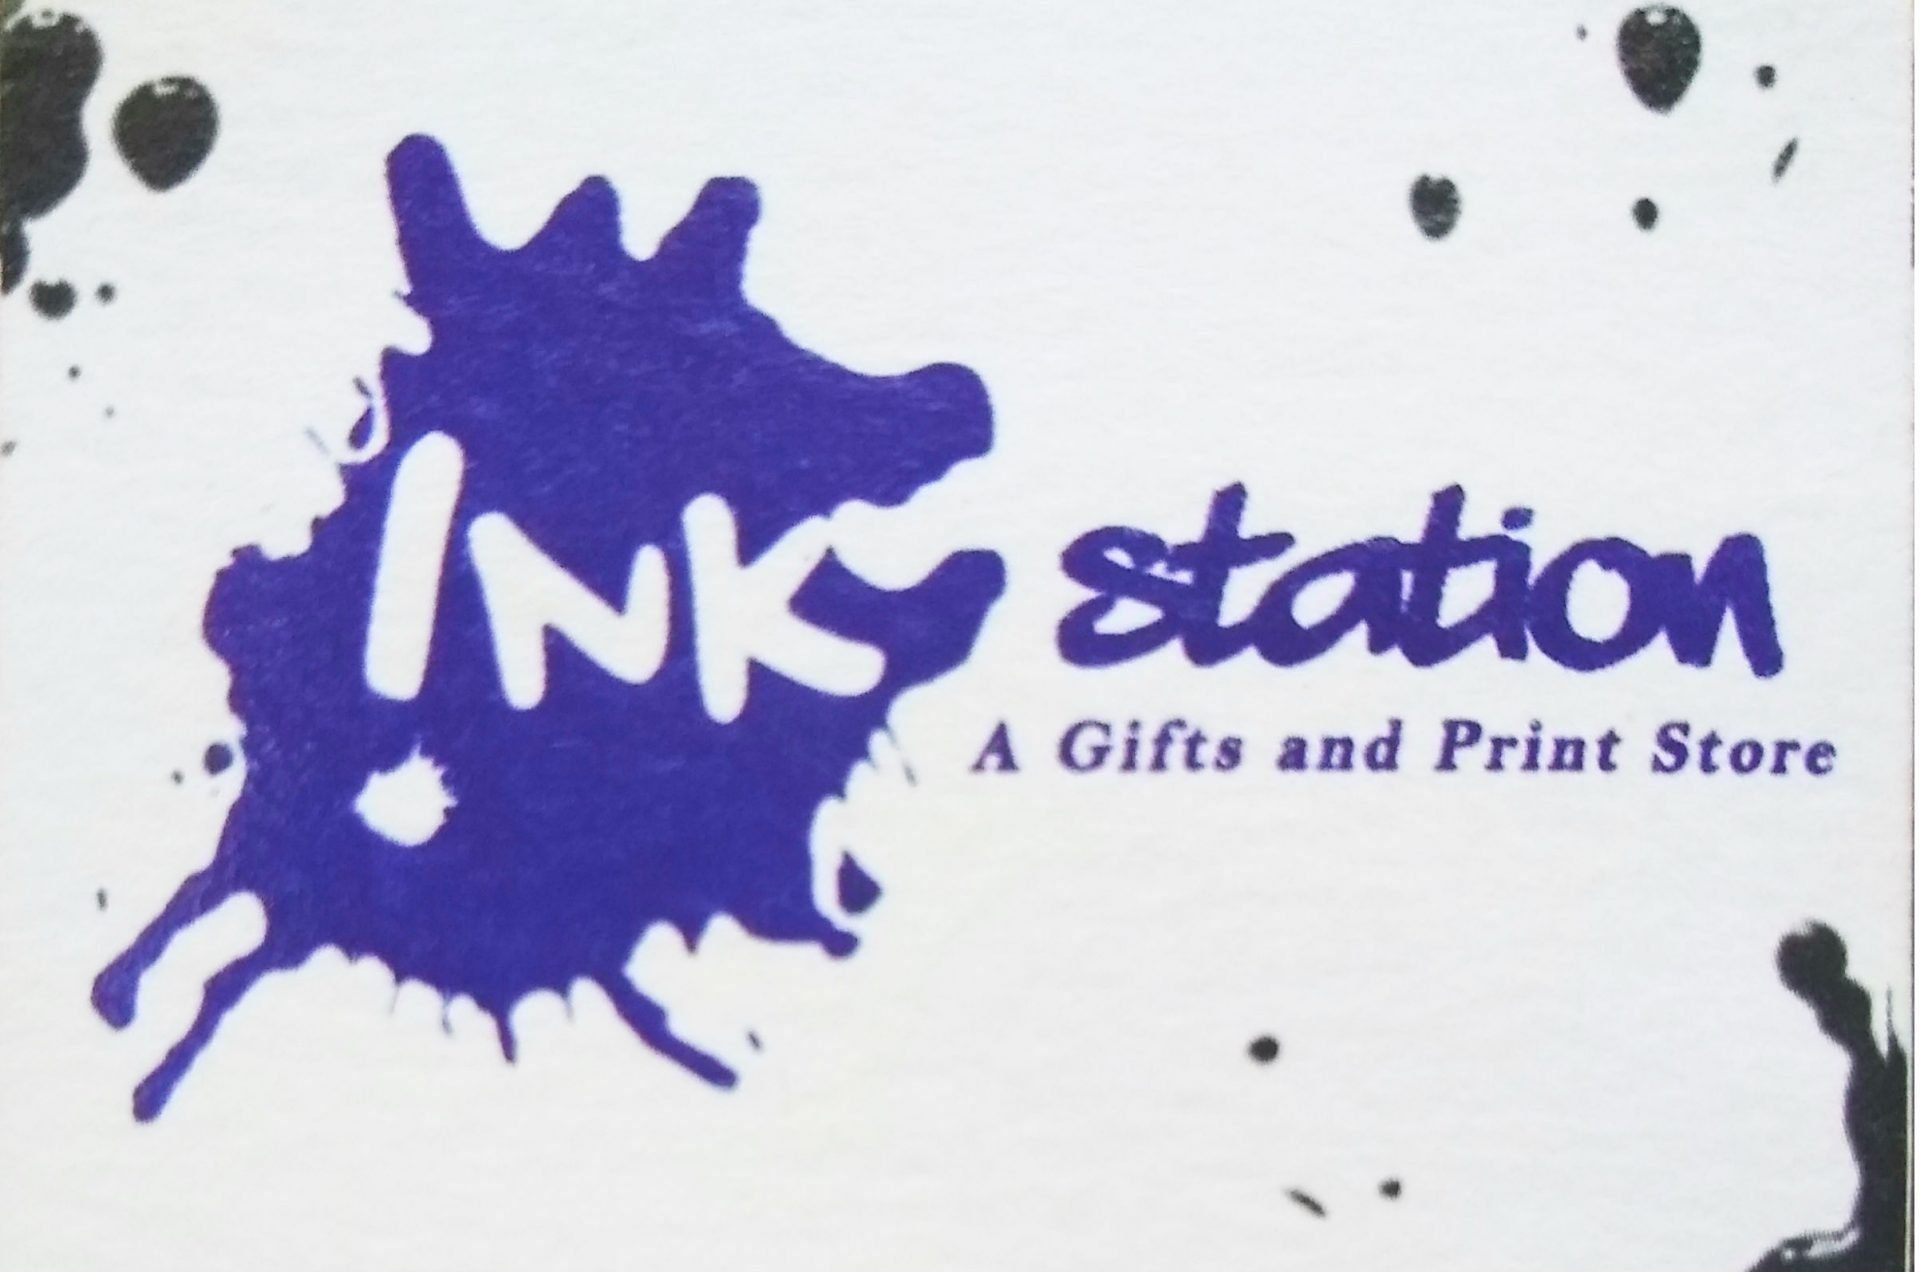 personalised gifts   customized gifts store / shop near wakad, hinjewadi – ink station. - inkstation - Personalised Gifts   Customized Gifts Store / Shop near Wakad, Hinjewadi – Ink Station.